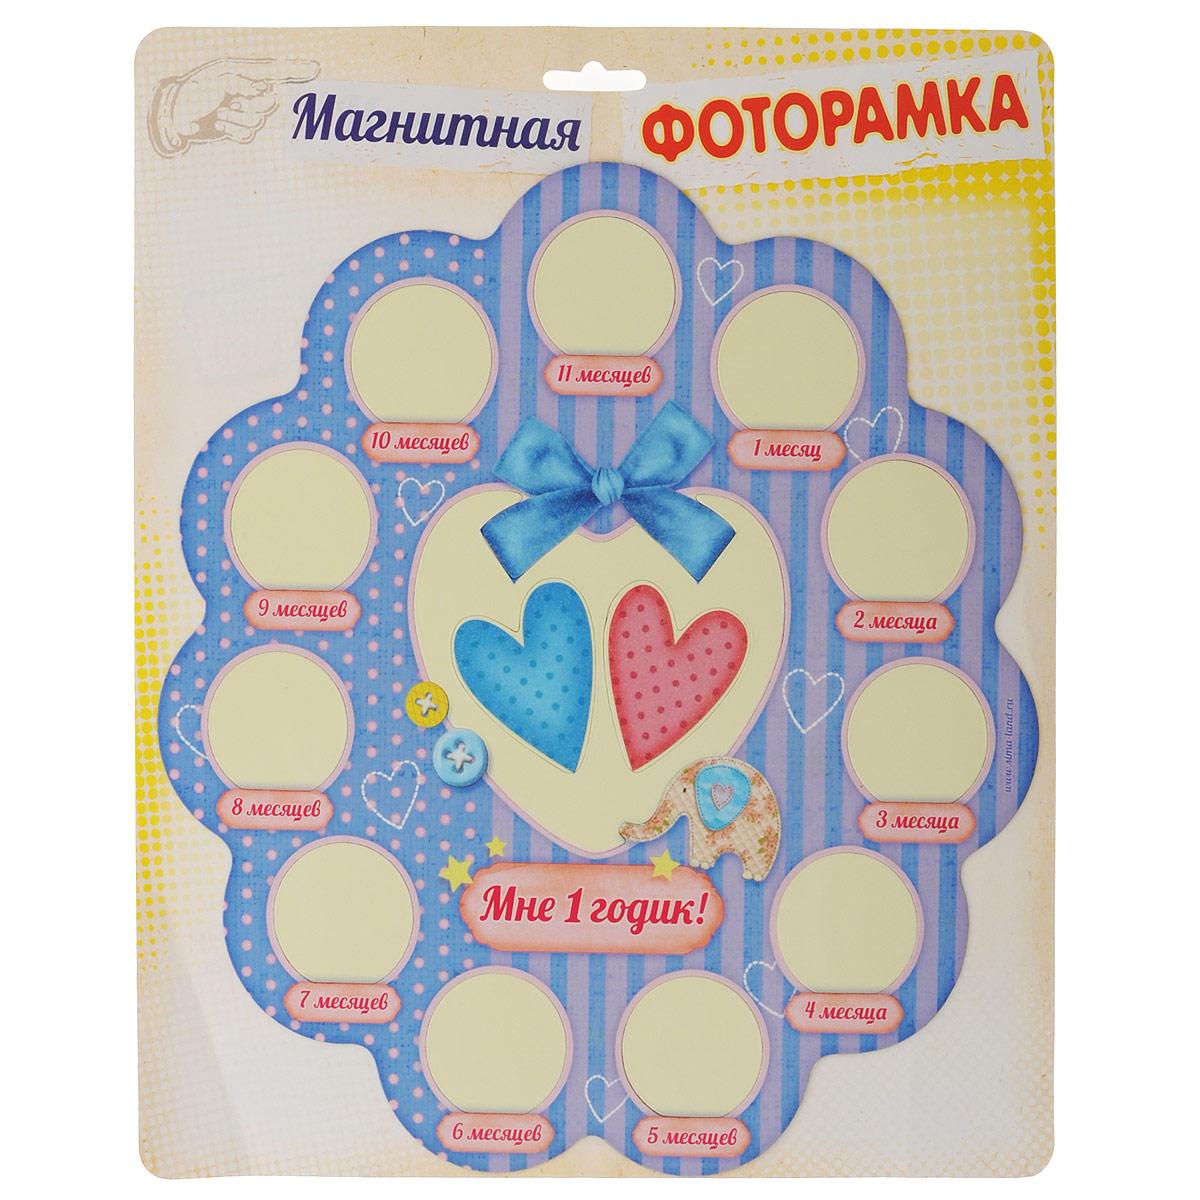 """Фоторамка магнитная Sima-land """"Мне 1 годик"""" выполнена из высококачественного полимера. В центре расположена большая рамка в форме сердечка с надписью """"Мне 1 годик"""", а вокруг 11 круглых рамок. С помощью этой фоторамки можно закрепить фотографии на холодильнике, а оставшиеся декоративные элементы разместить рядом с фотографиями. Такая рамка позволит сохранить на память изображения вашего растущего ребенка, а также станет приятным подарком для каждого родителя."""